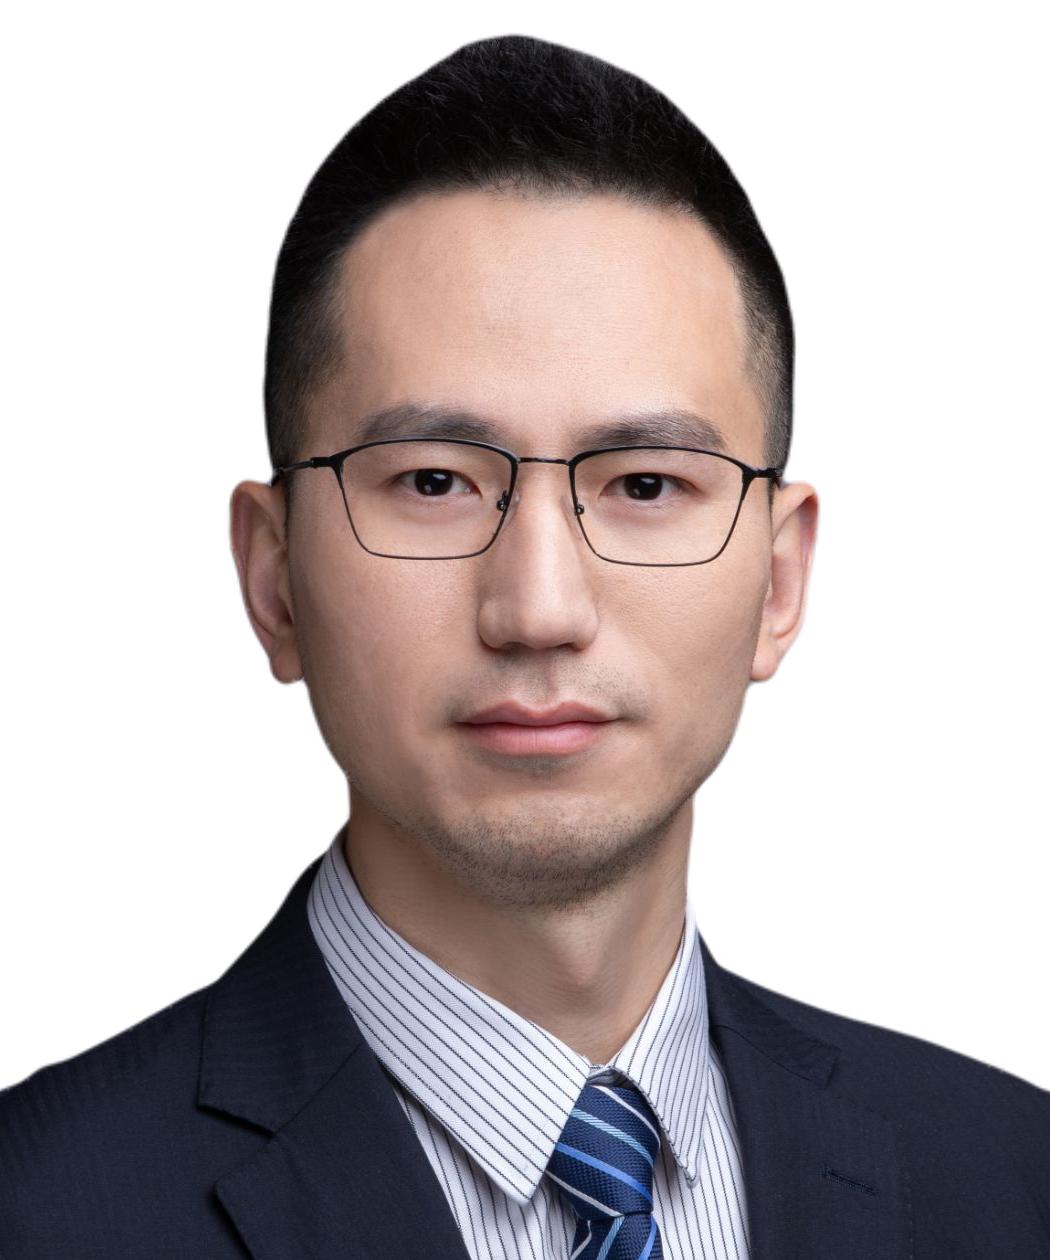 唐杰 大成律师事务所 民法典